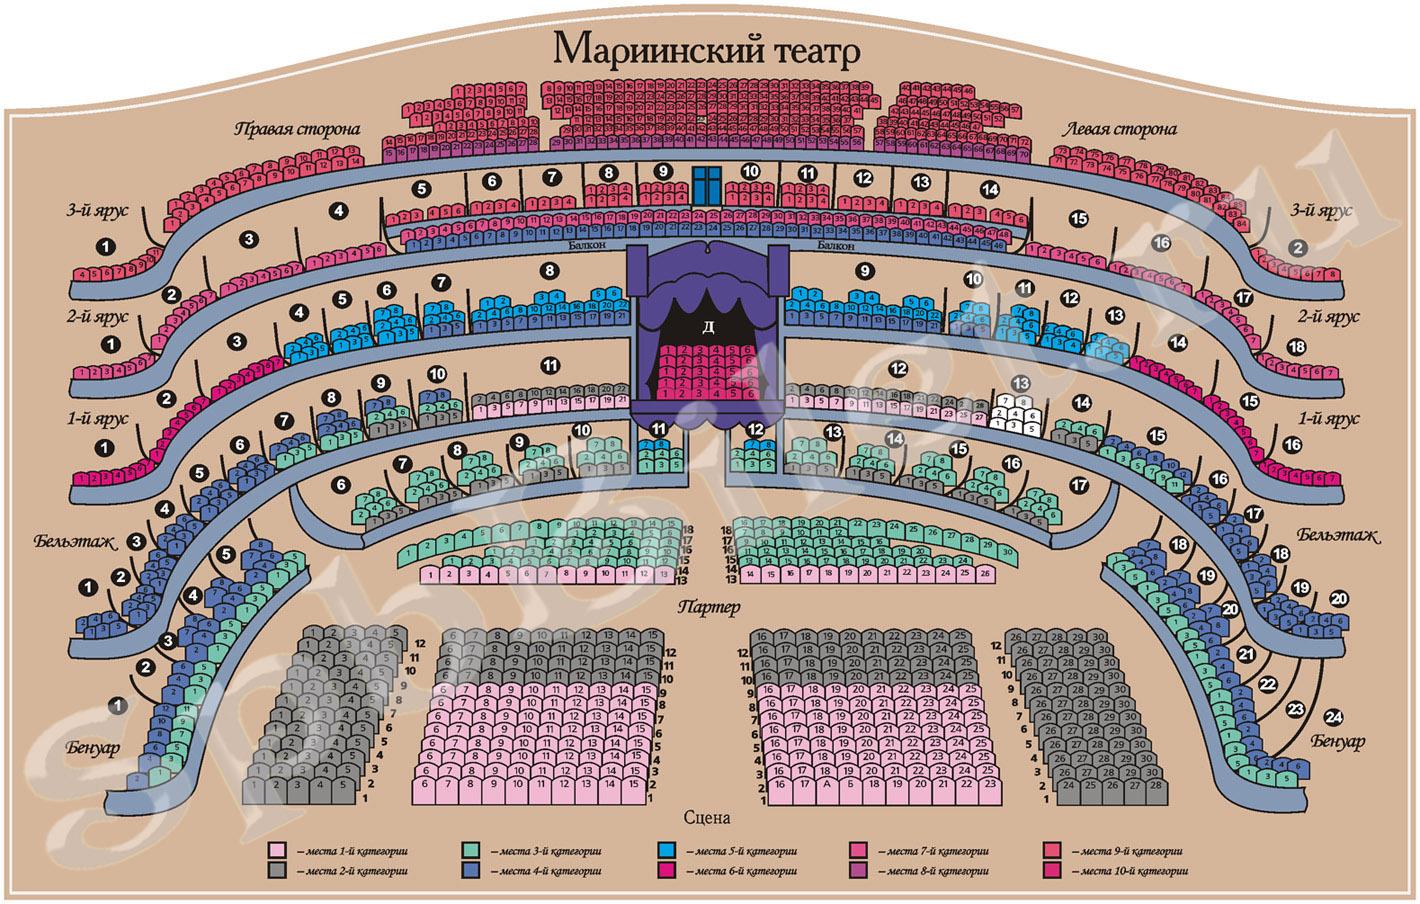 План зала Мариинского театра (Основная сцена)